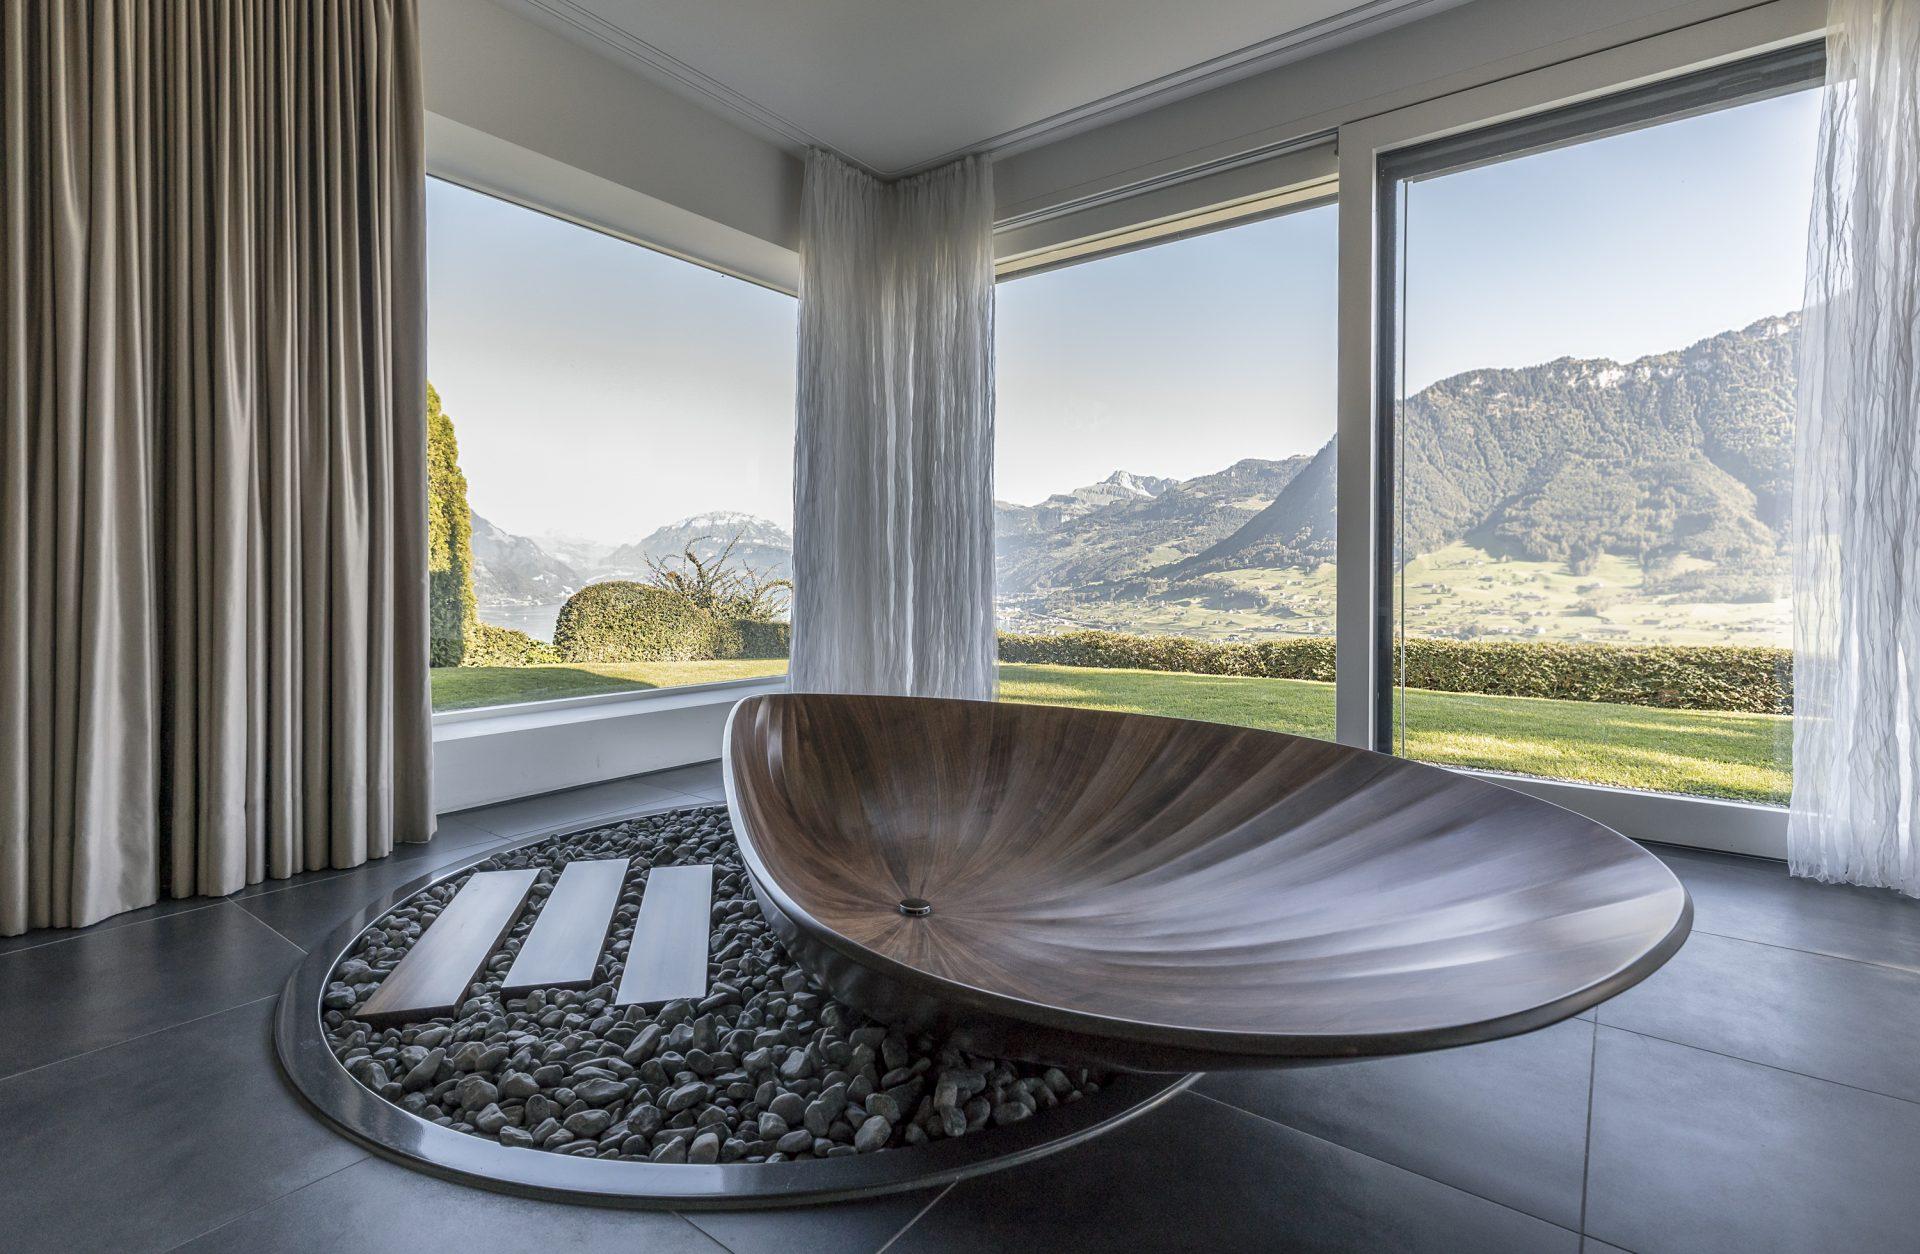 Scheuber Badewanne Holz Innenarchitektur Vorhänge